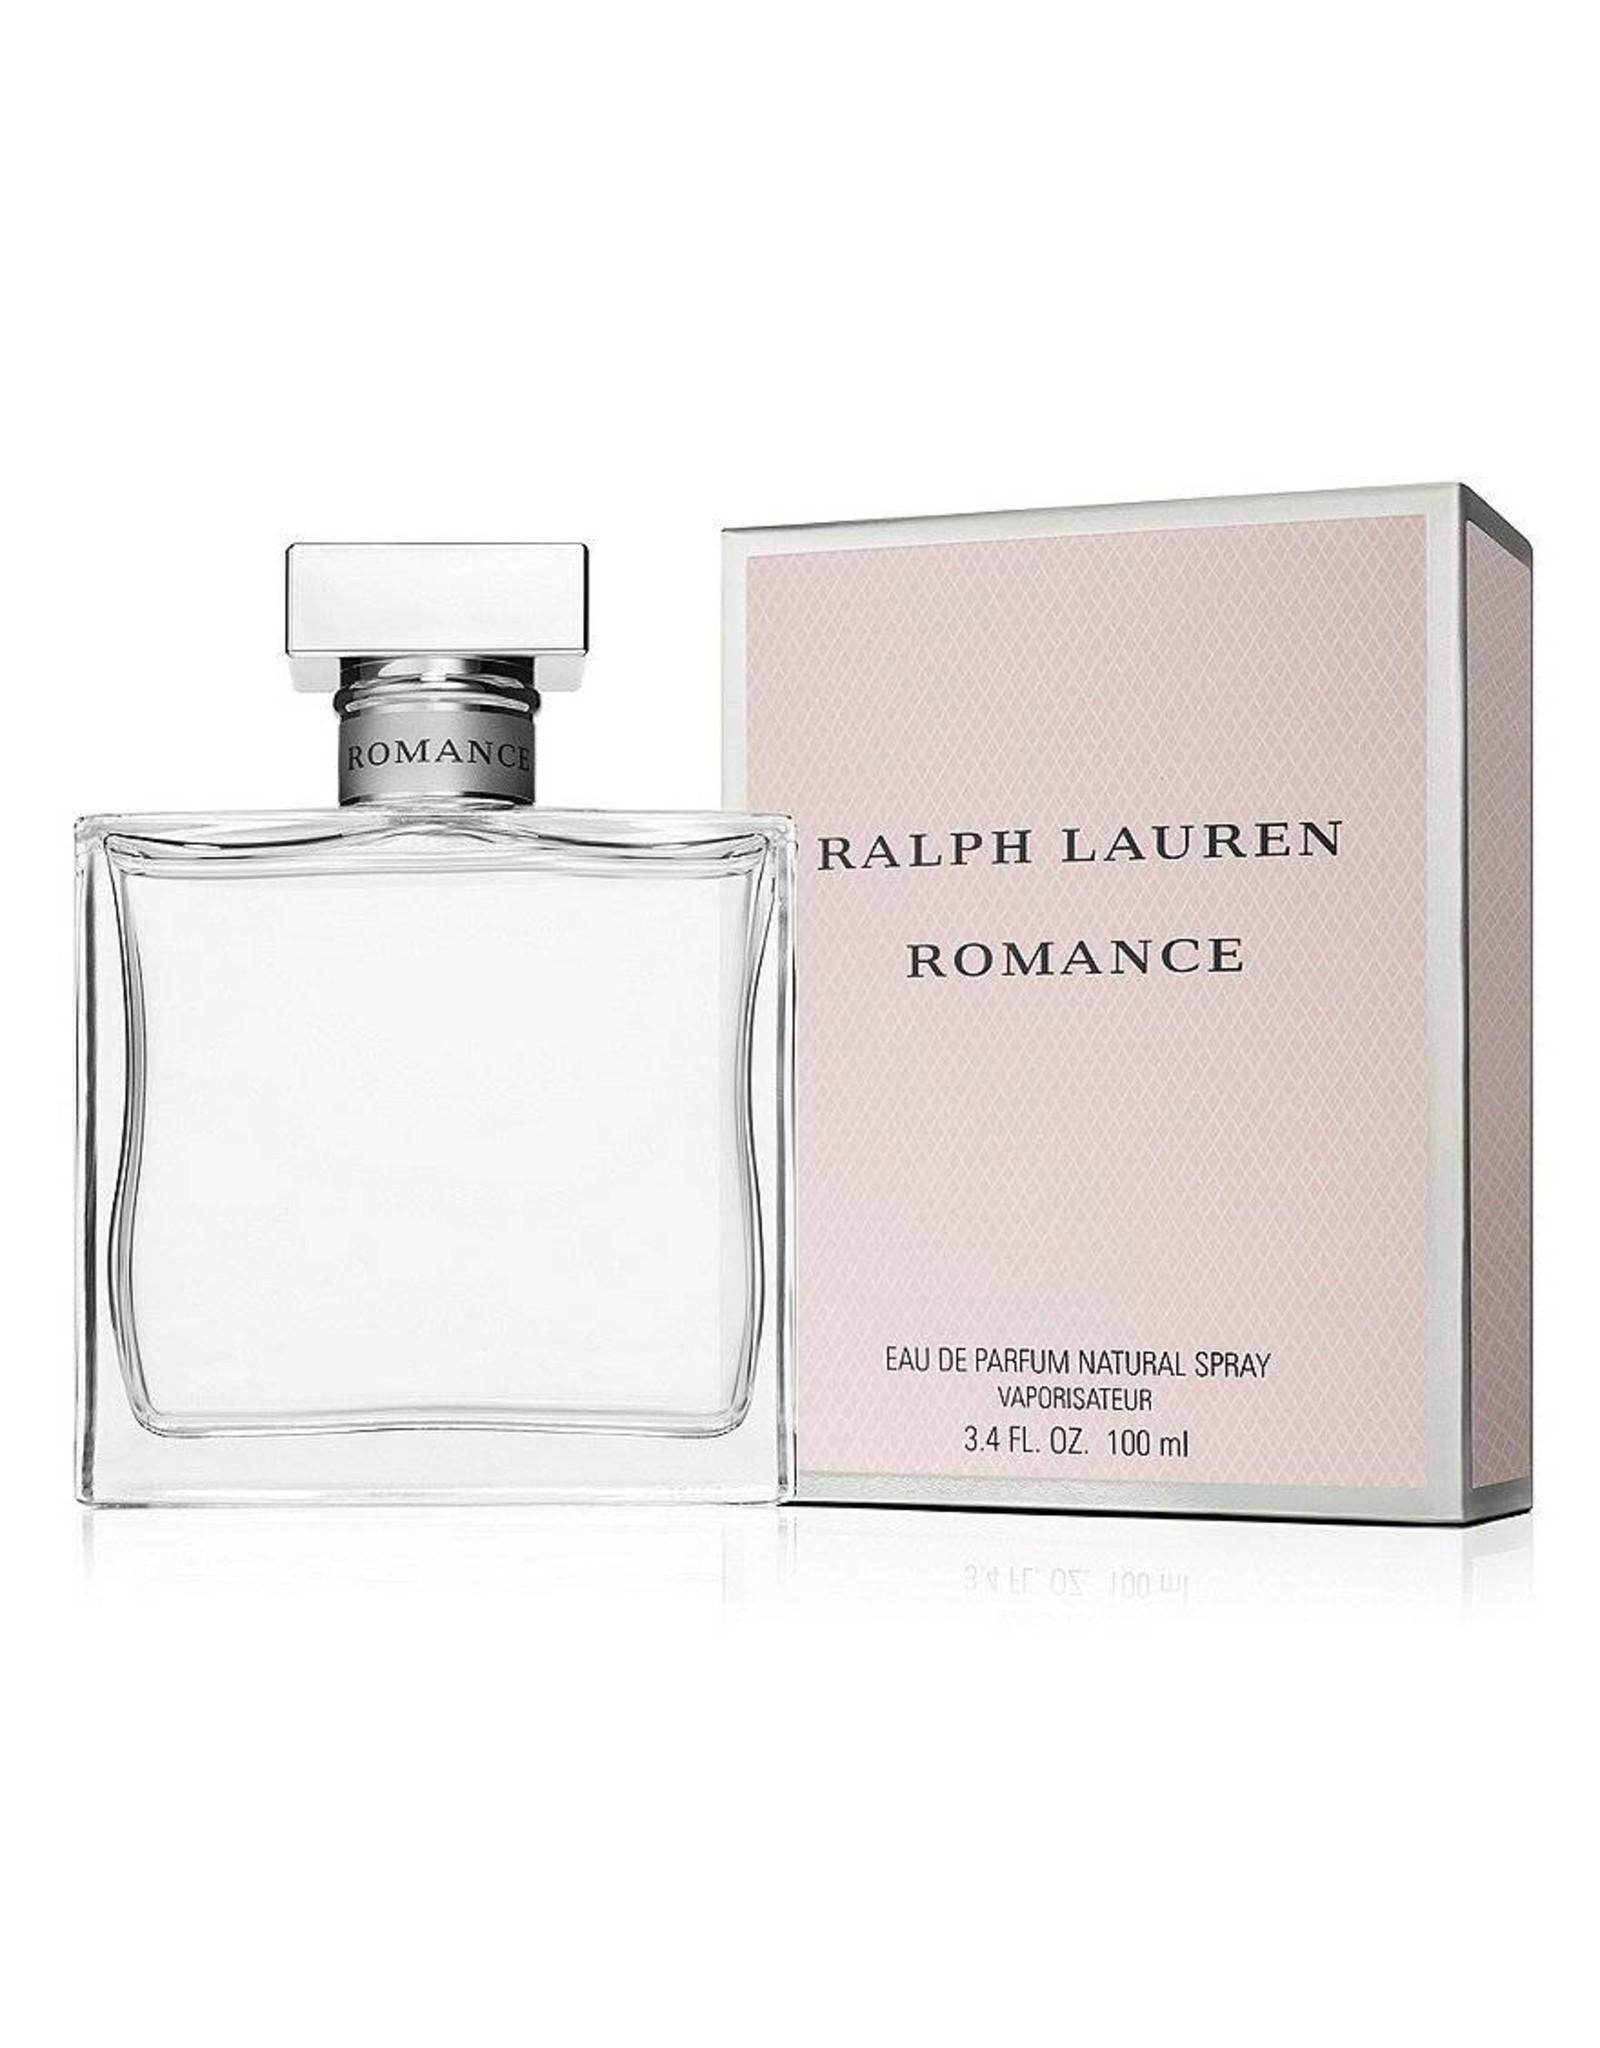 RALPH LAUREN RALPH LAUREN ROMANCE